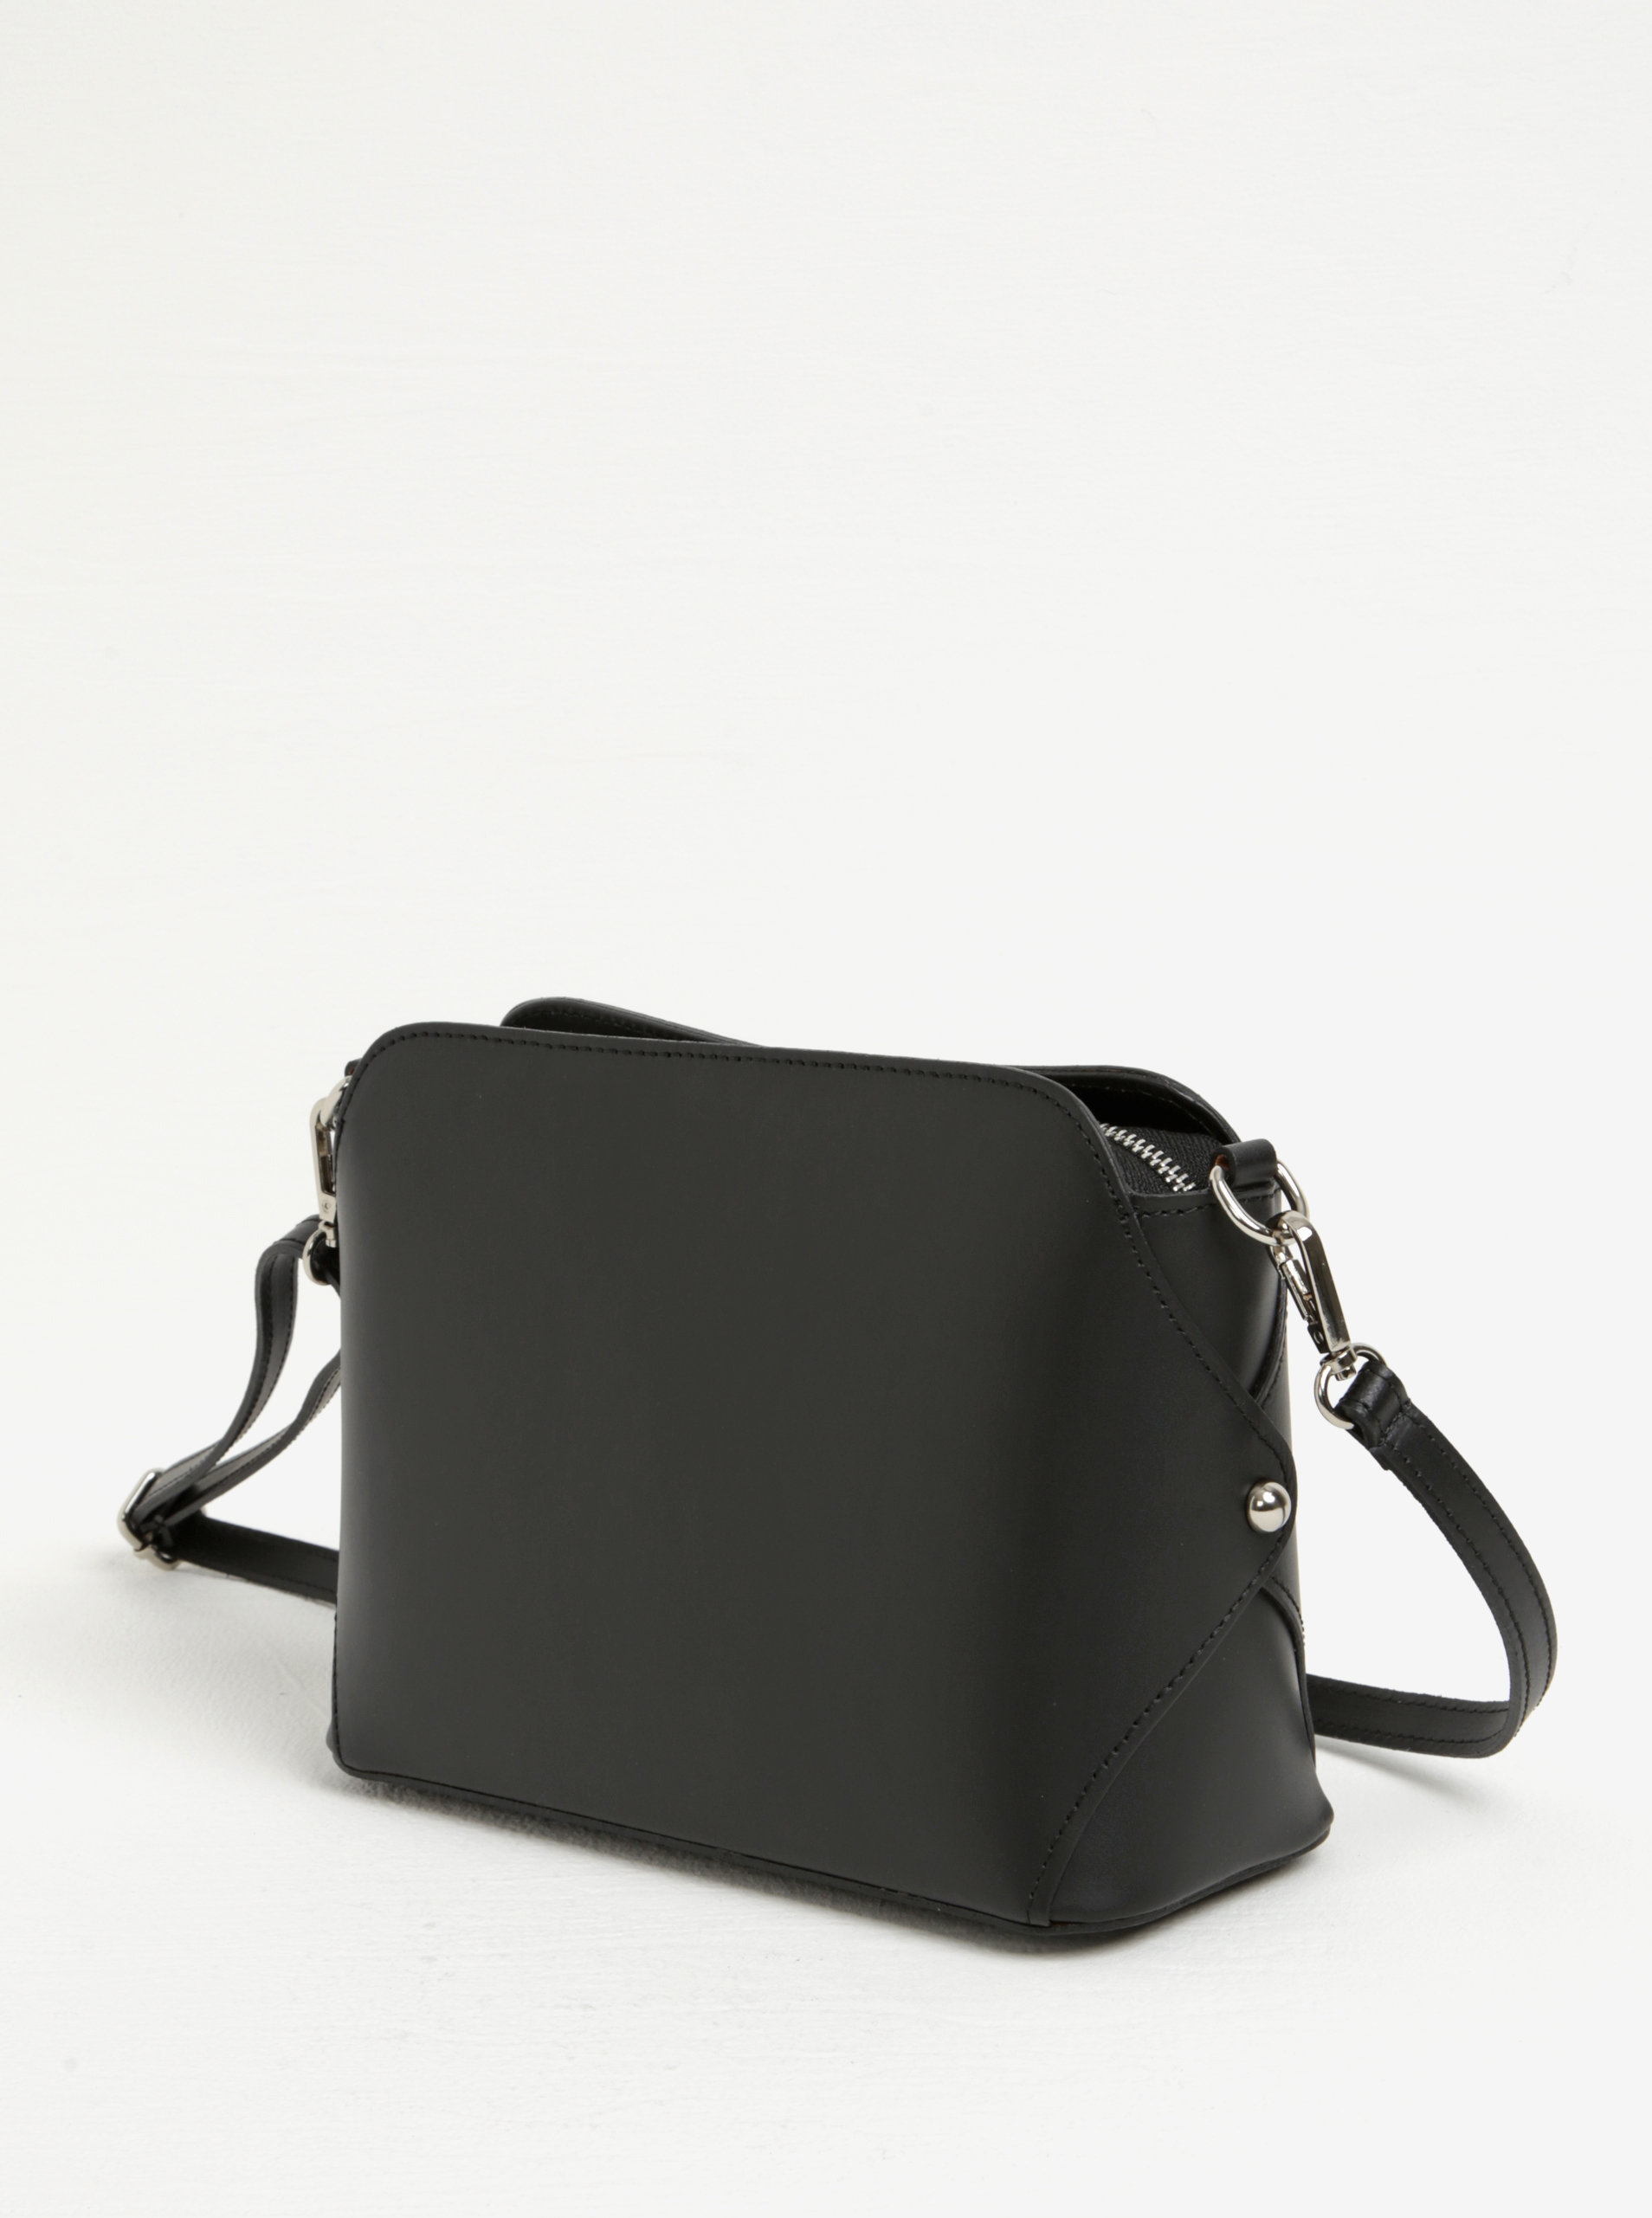 Čierna dámska kožená crossbody kabelka KARA ... 2f46f5617c2